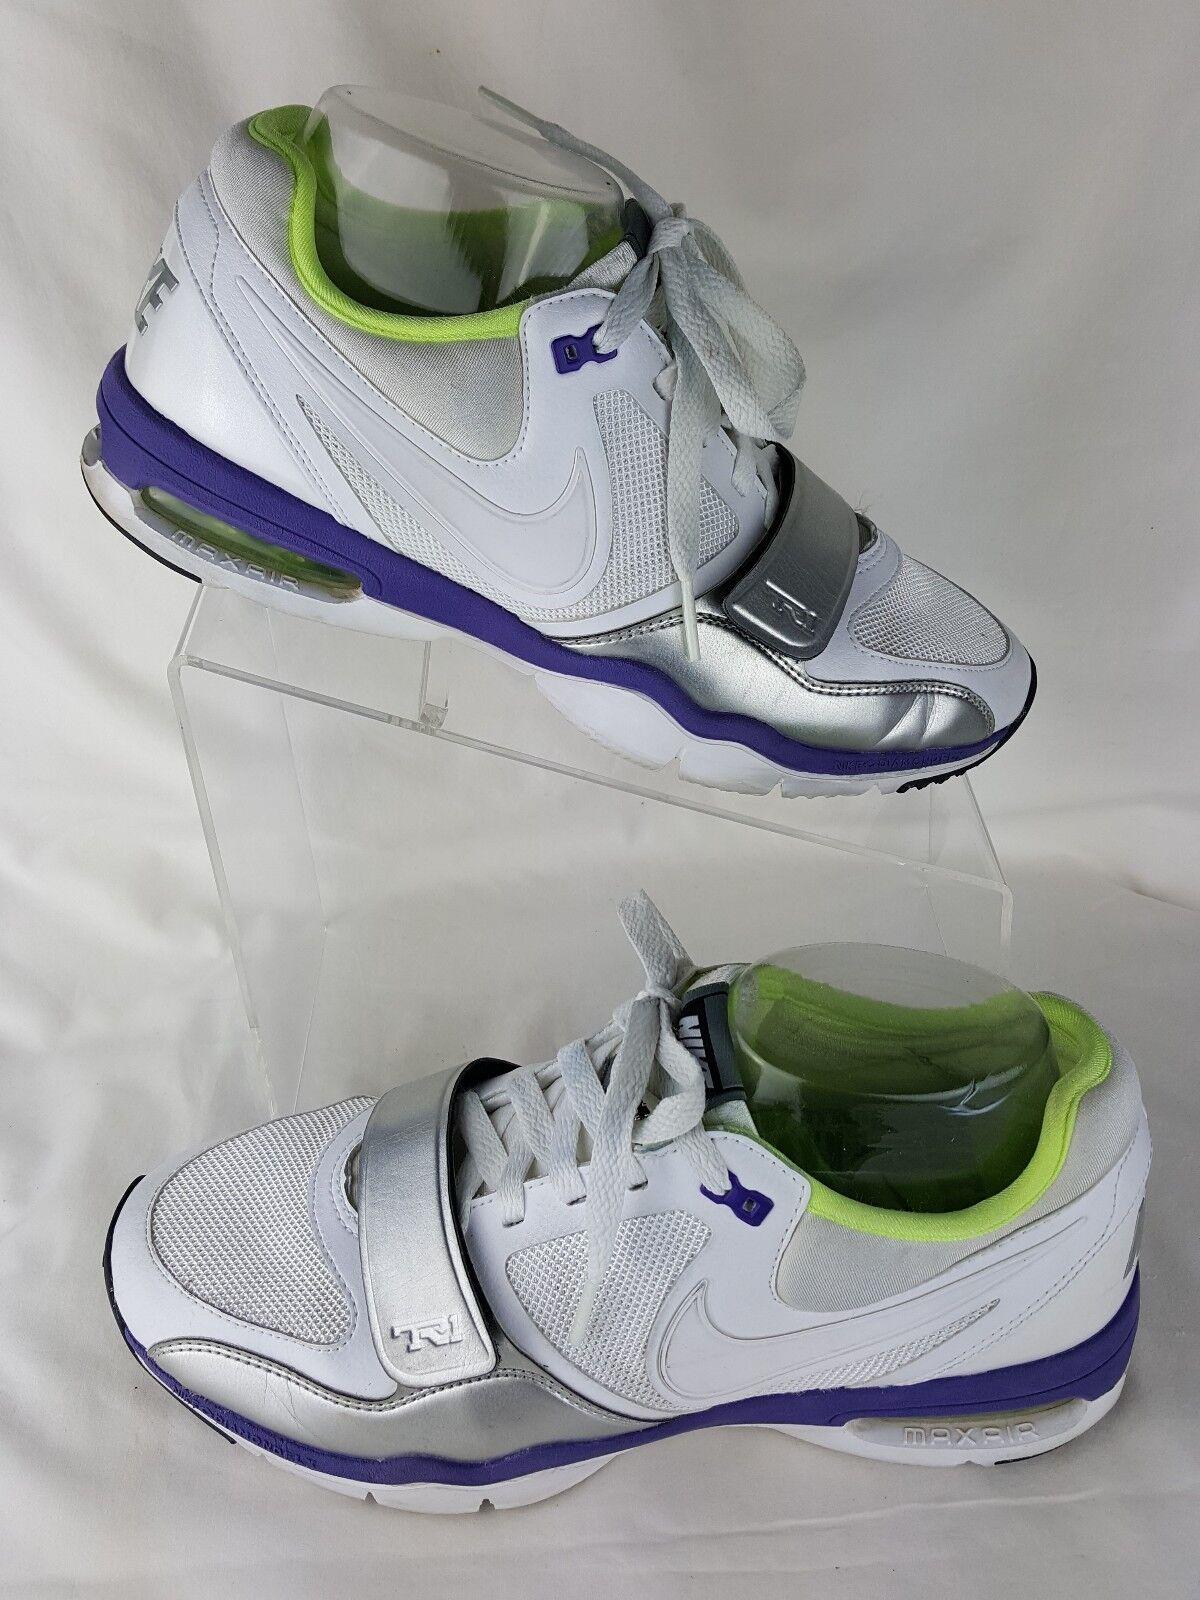 nike 8,5 donne trainer un tr1 scarpe bianco viola viola viola max aria solo euc | Ottima selezione  | Uomo/Donna Scarpa  ac2815